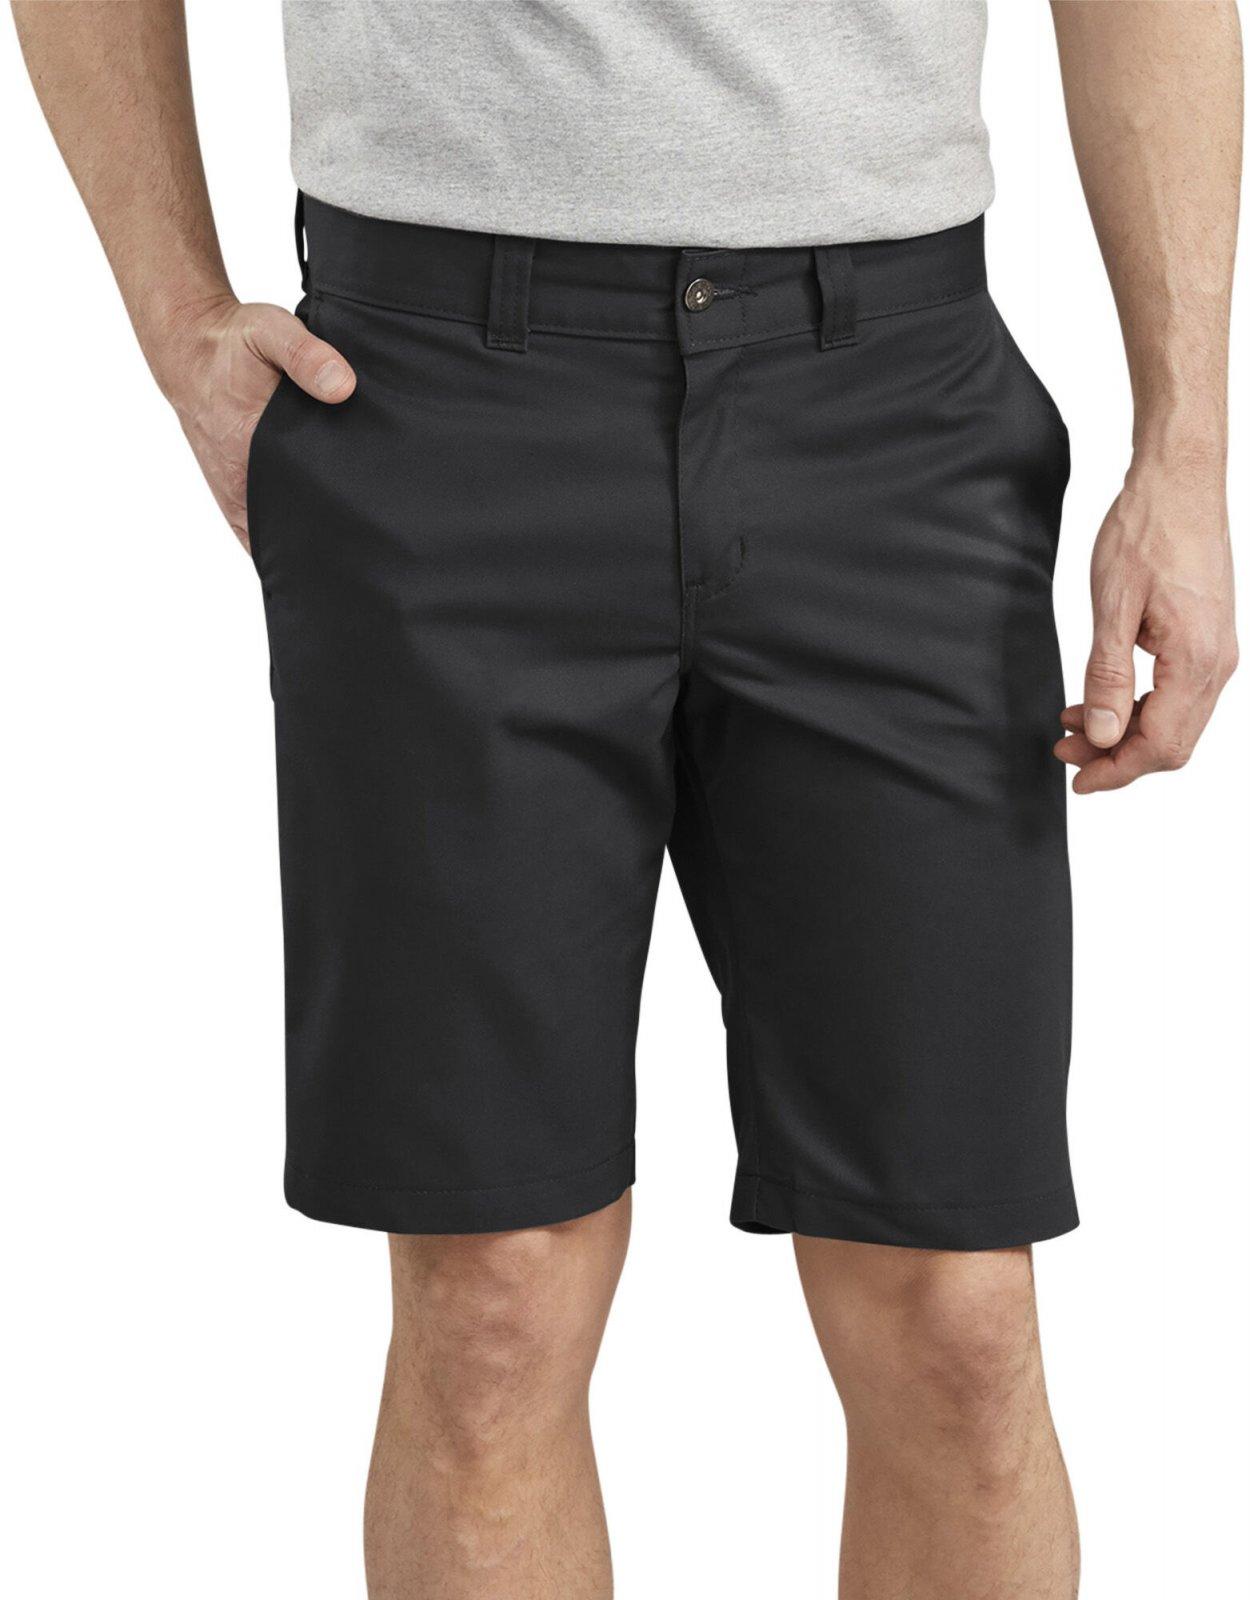 Dickies '67 11 Slim FLEX Twill Work Shorts - Black